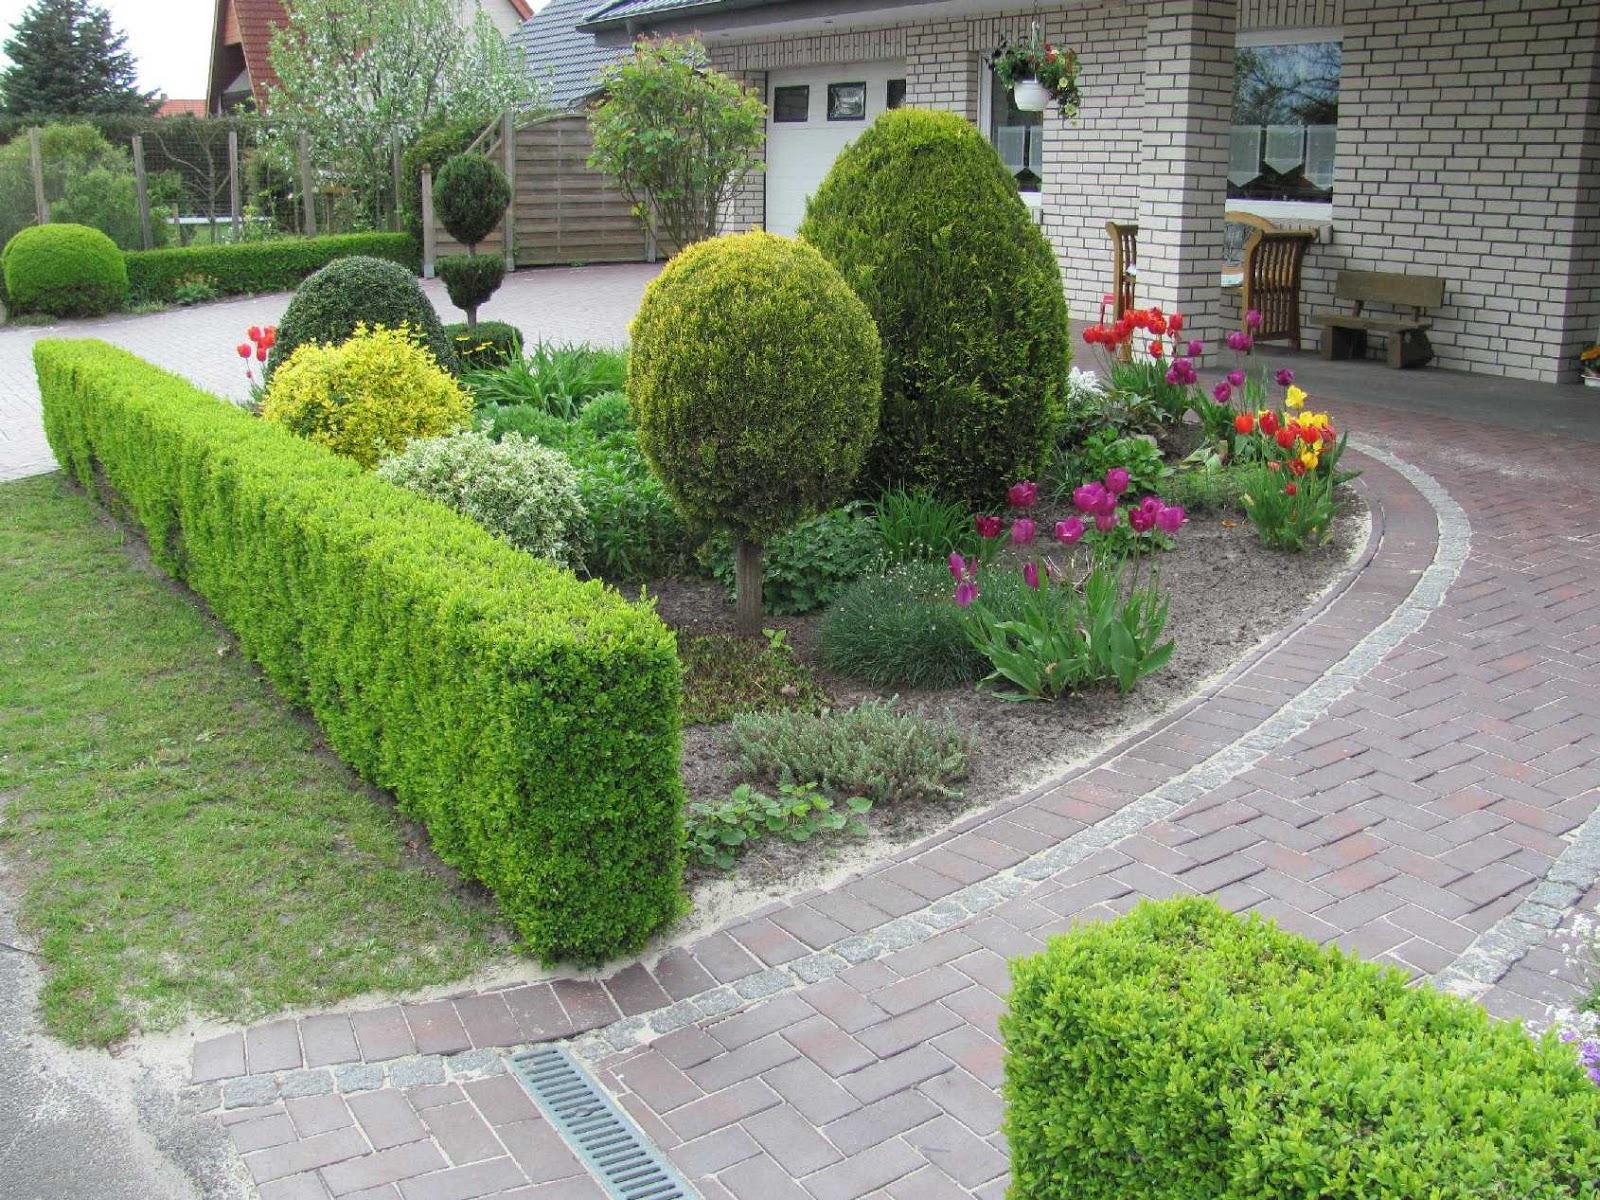 Einzigartig Garten Bepflanzen Ideen Ideen.